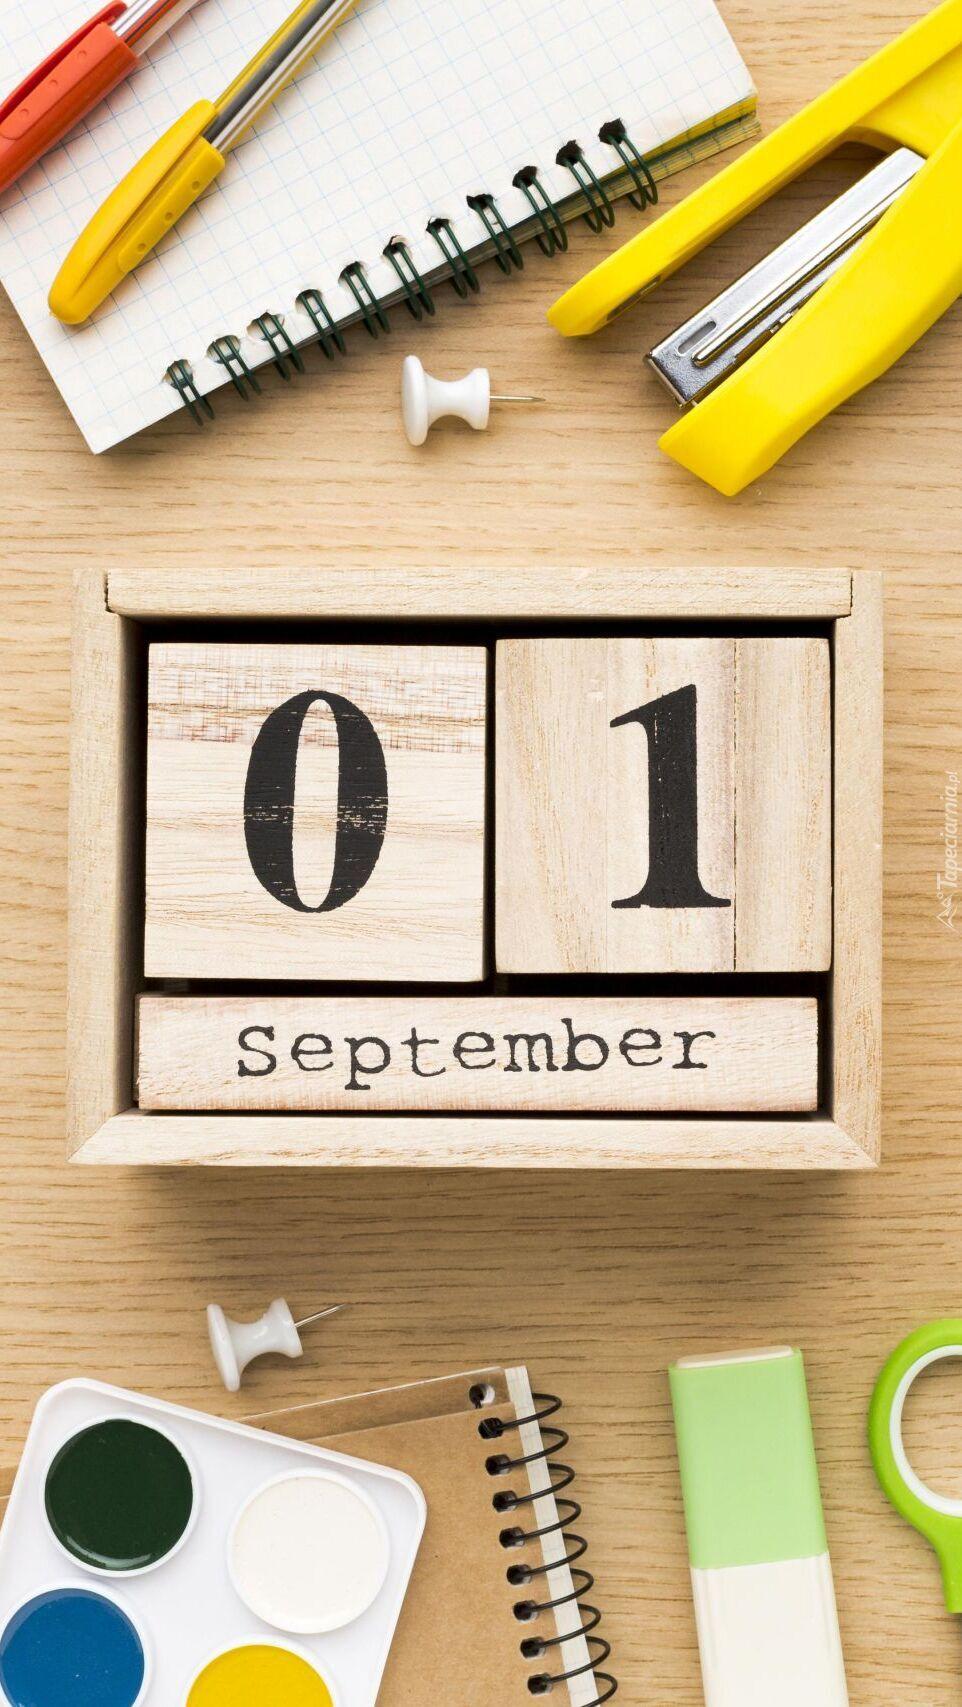 Klocek z datą 1 września